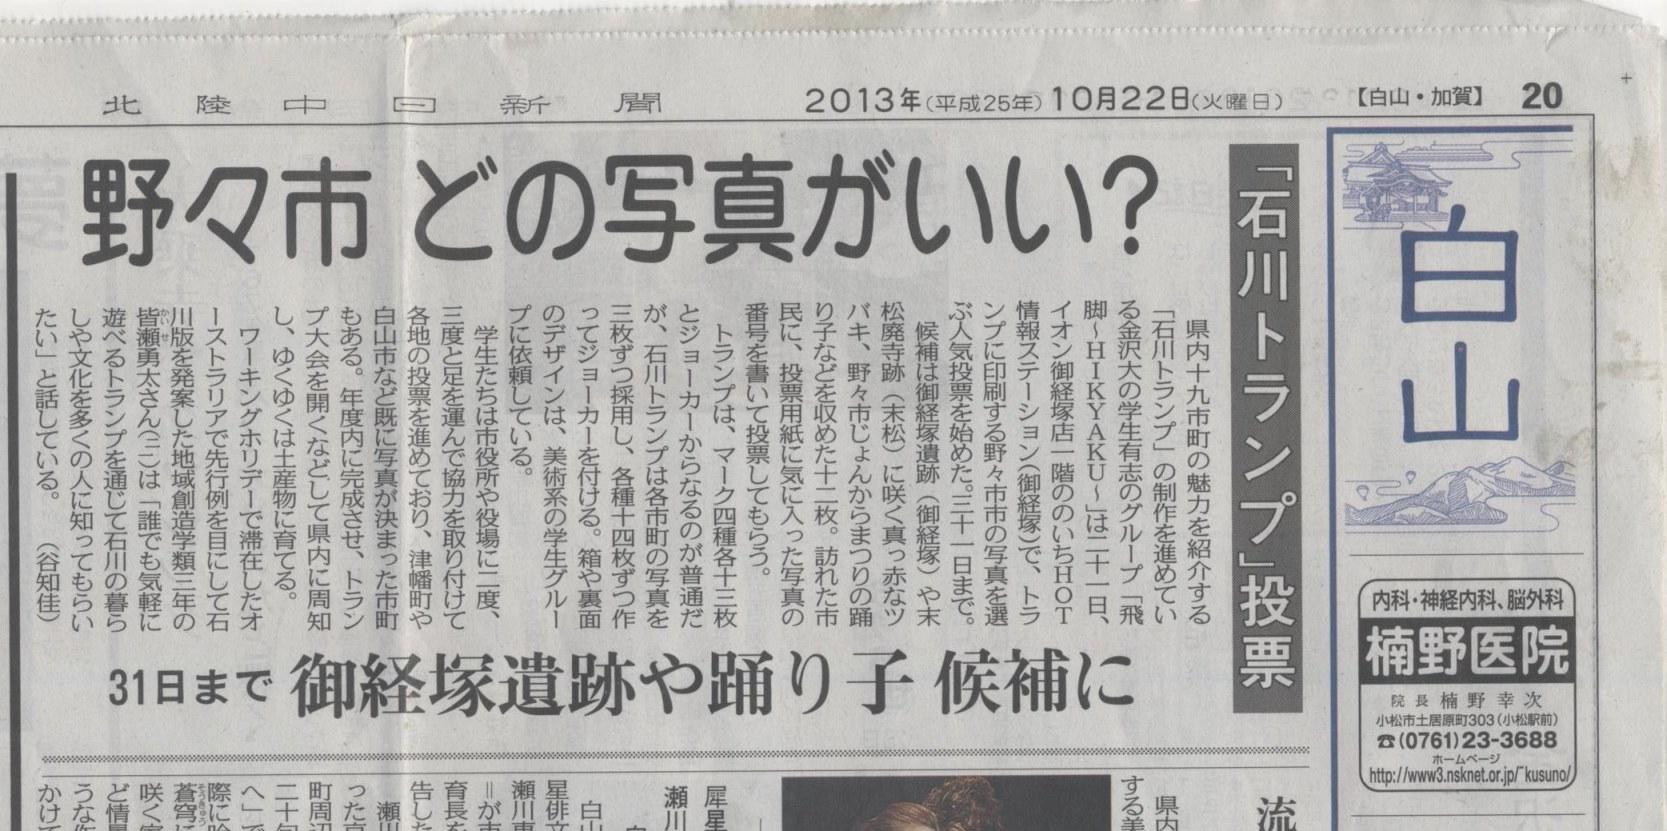 2013年10月22日 北陸中日新聞朝刊